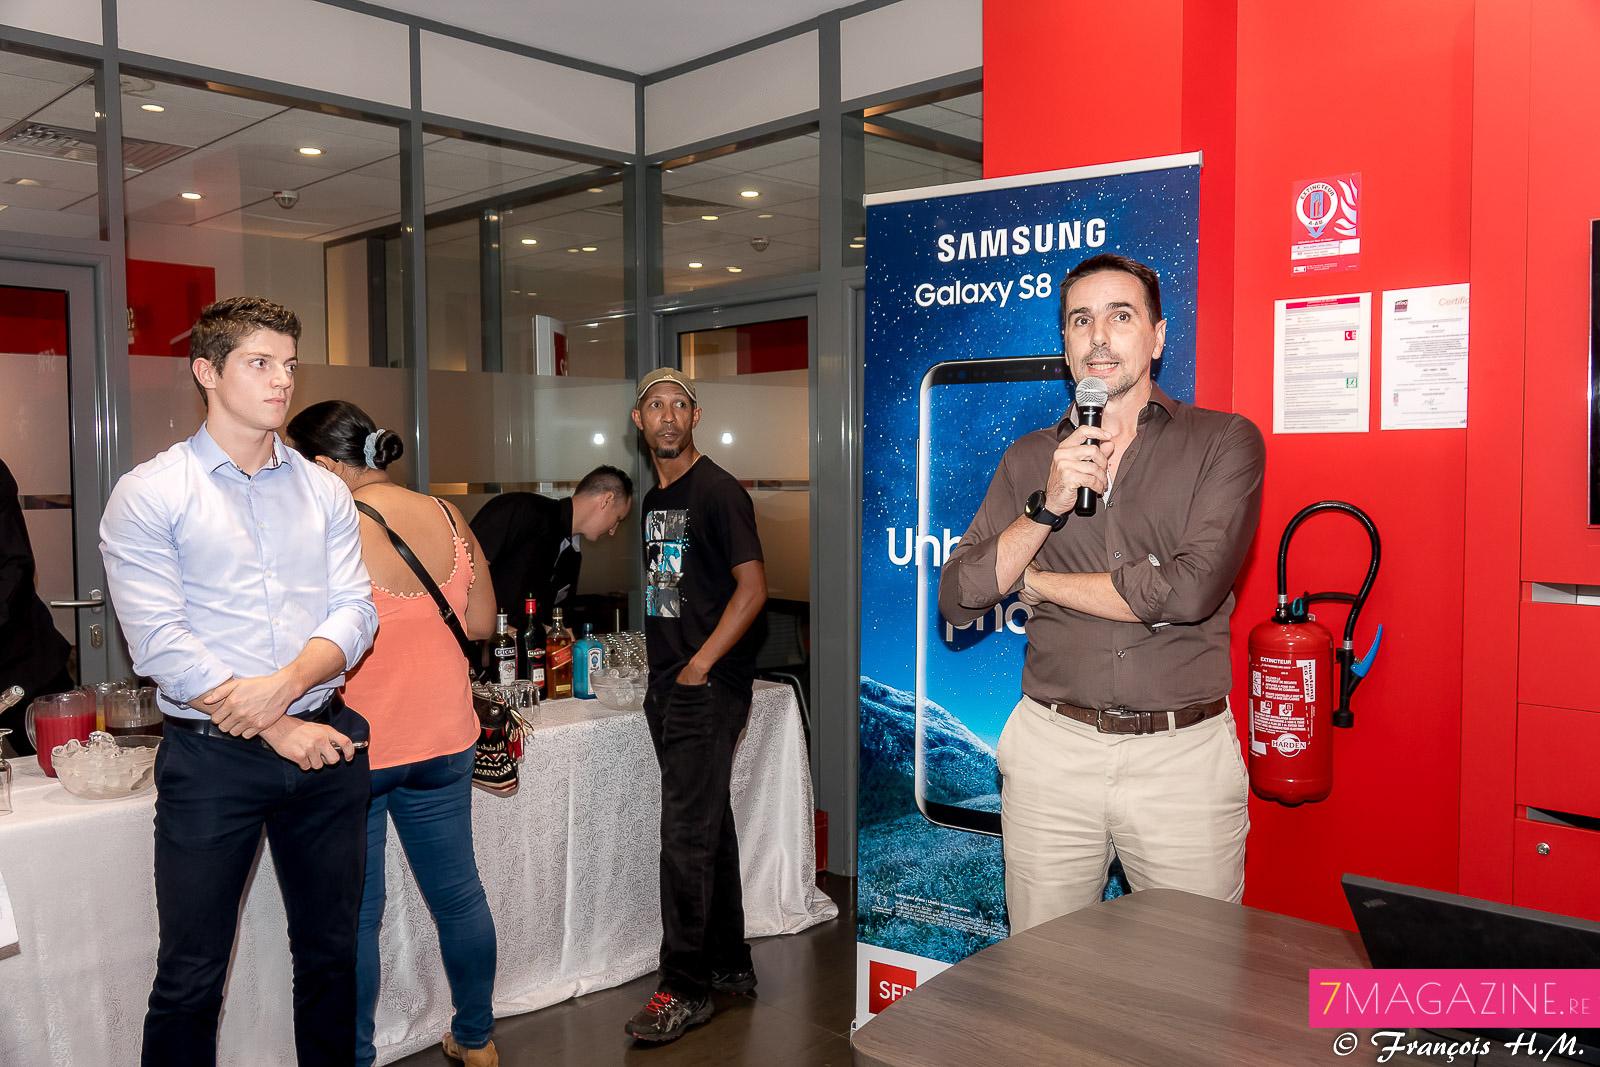 Au micro, Arnaud Serron, chef de produits terminaux, a effectué la présentation du nouveau mobile